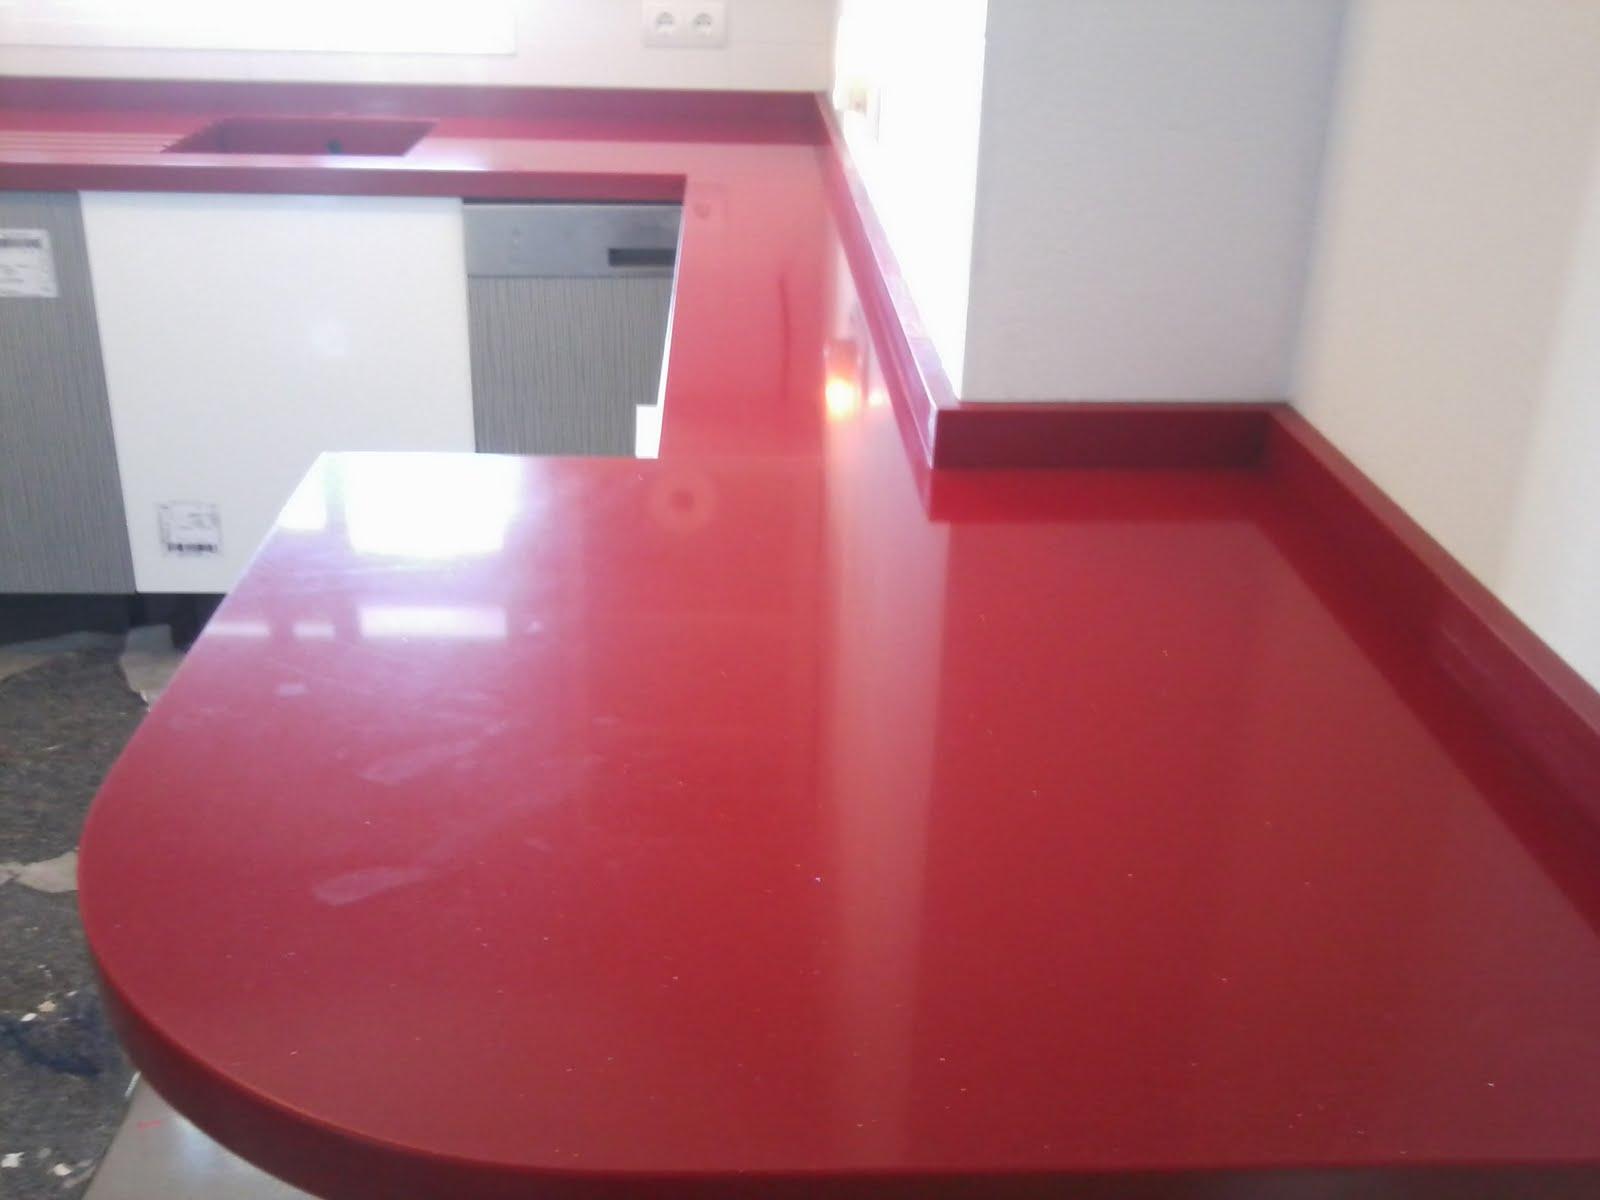 Piedralia global s l encimera de cocina en compac rojo for Encimeras de cocina compac